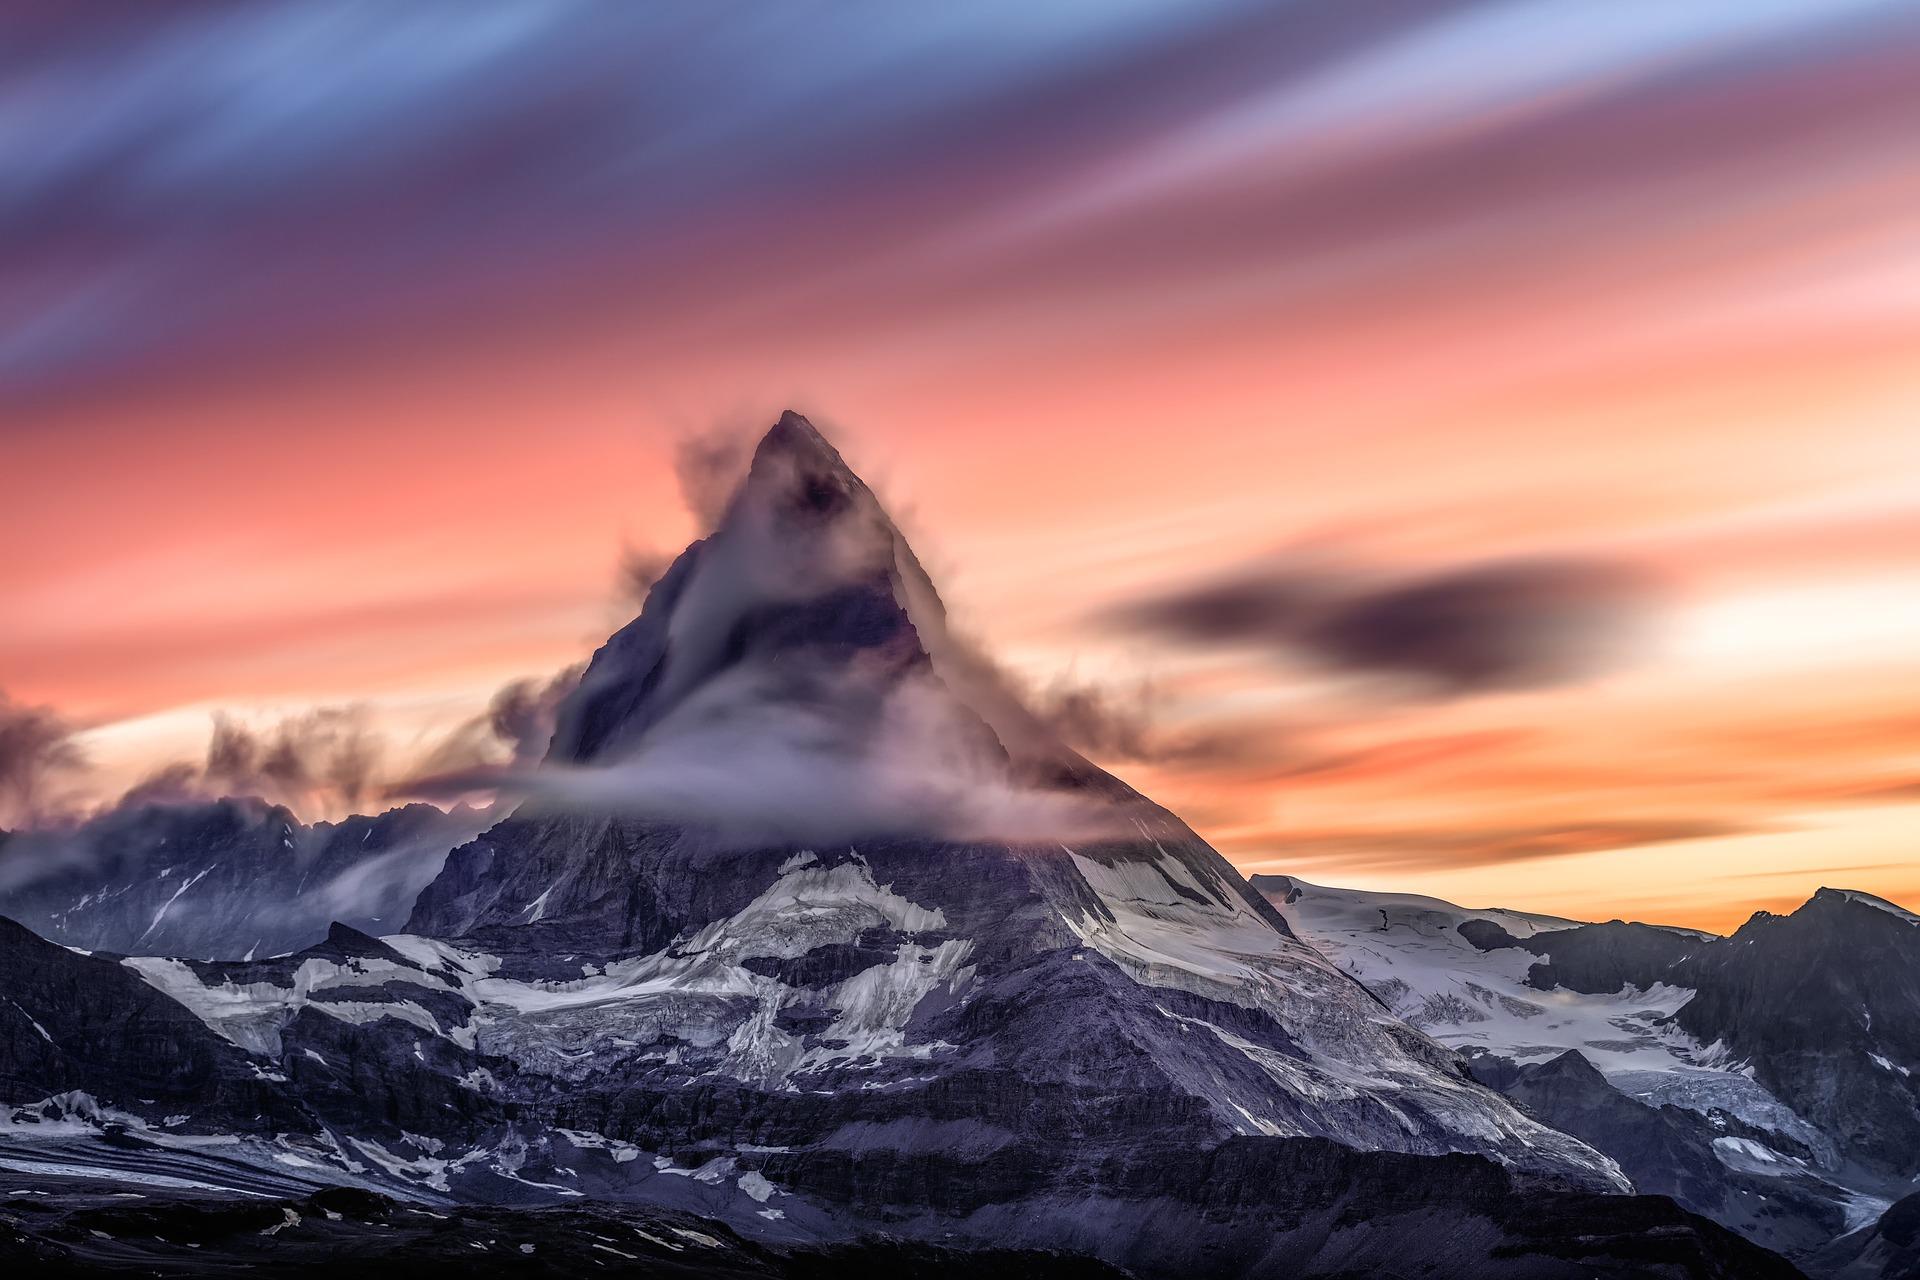 Matterhorn vor farbigem Himmel mit Wolken